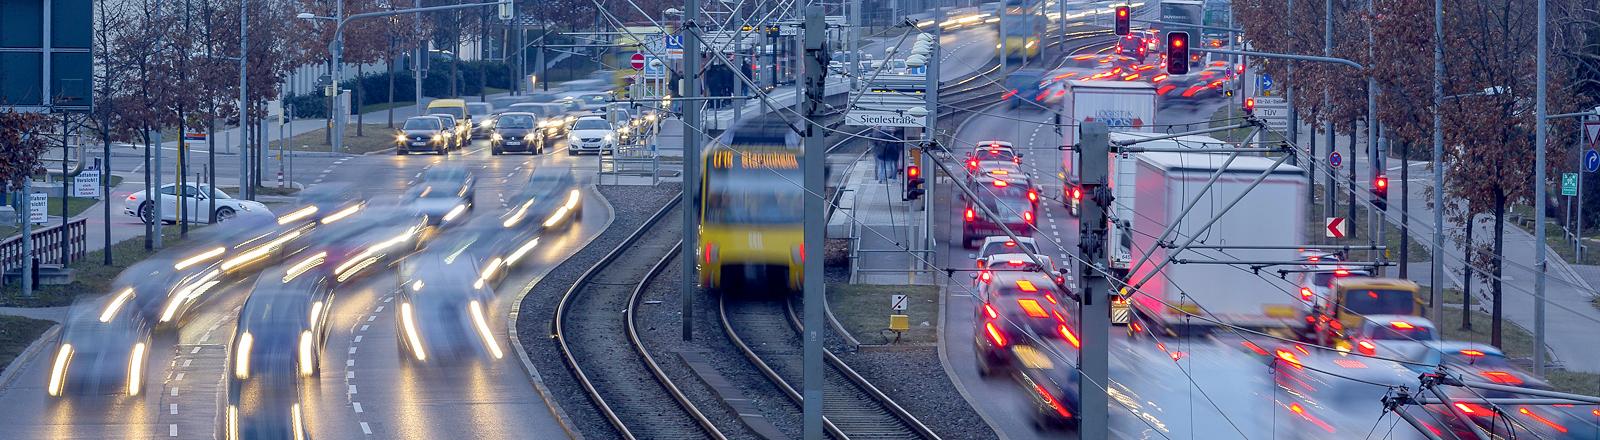 Blick auf eine mehrspurige Straße und eine Straßenbahn.